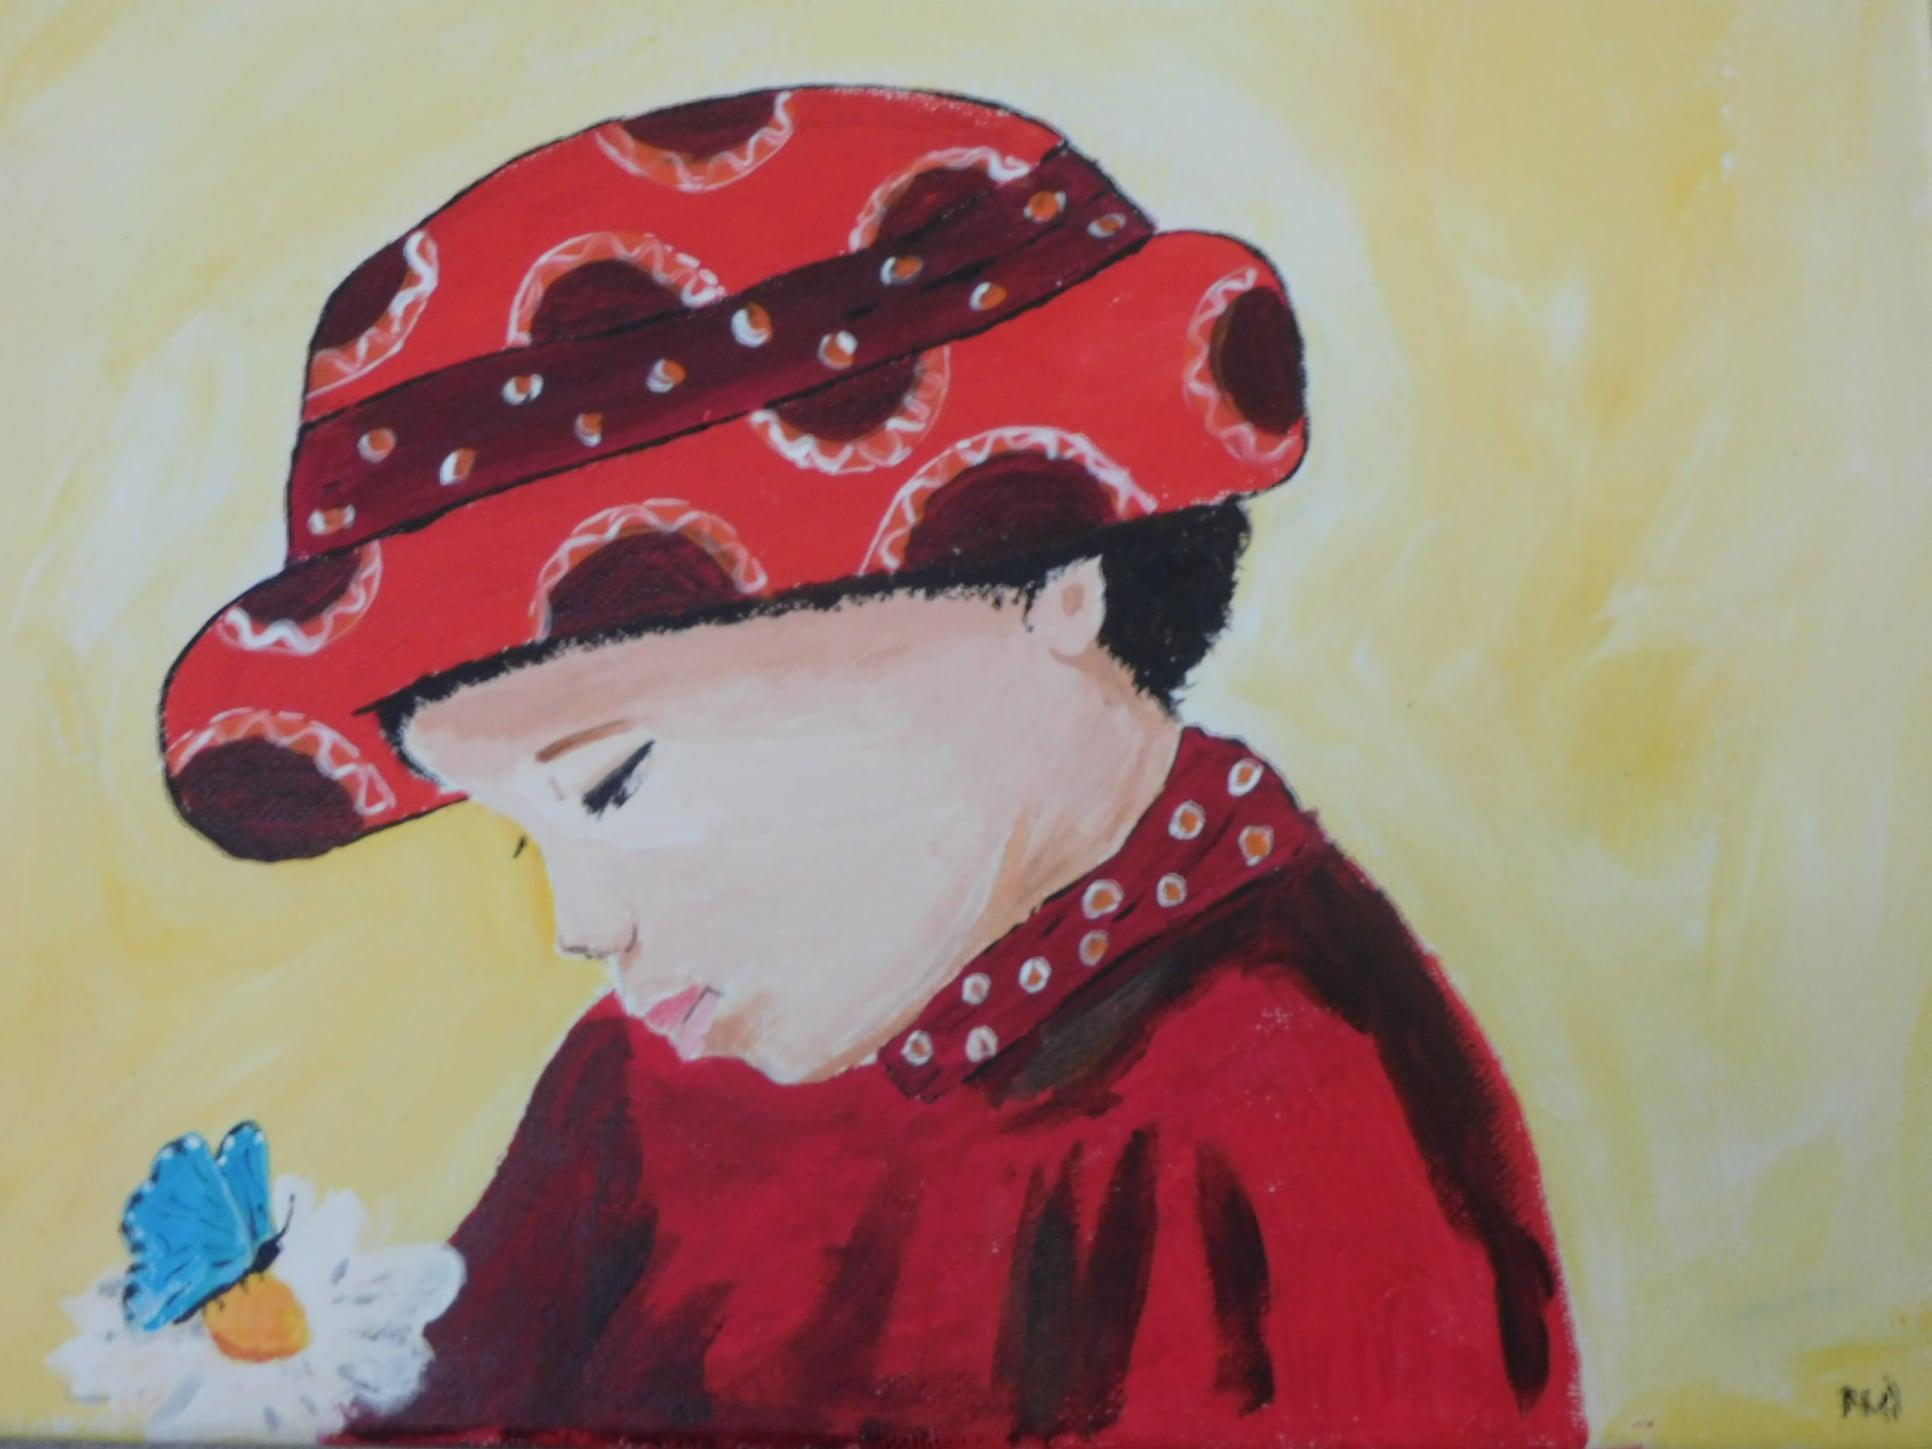 Eigen werk, meisje in rood. Geschilderd aan de hand van een gratis webinar van de Schilderclub met Corrie Leushuis